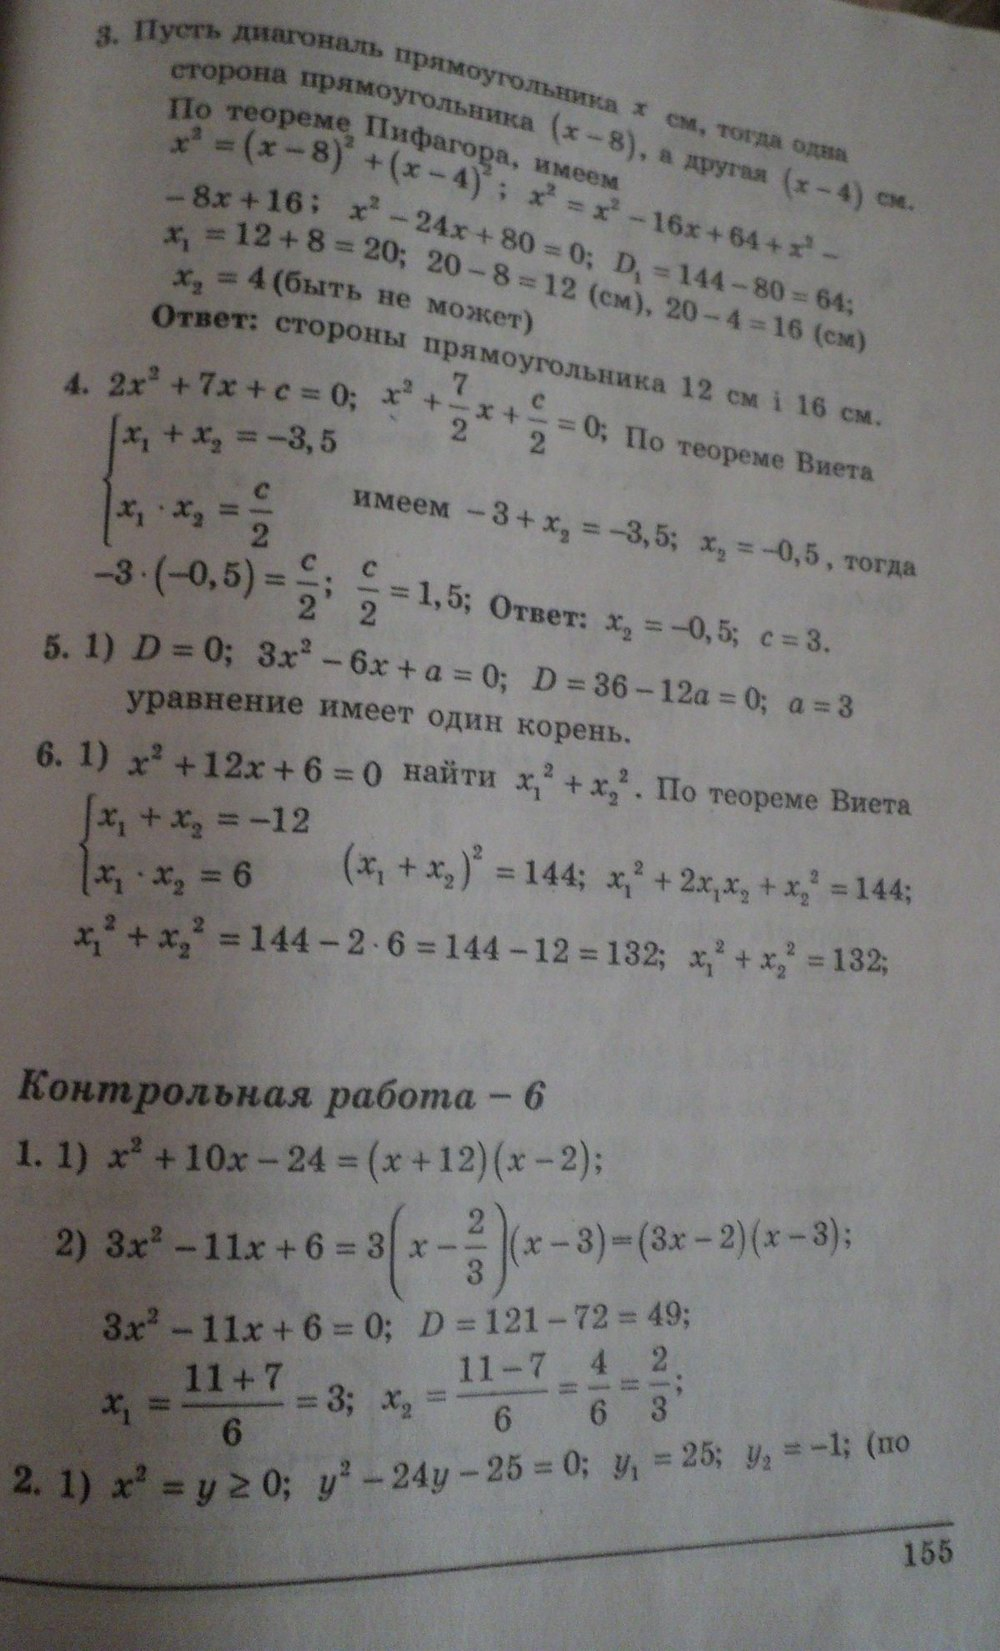 ГДЗ по алгебре 8 класс Щербань П.. Задание: стр. 155